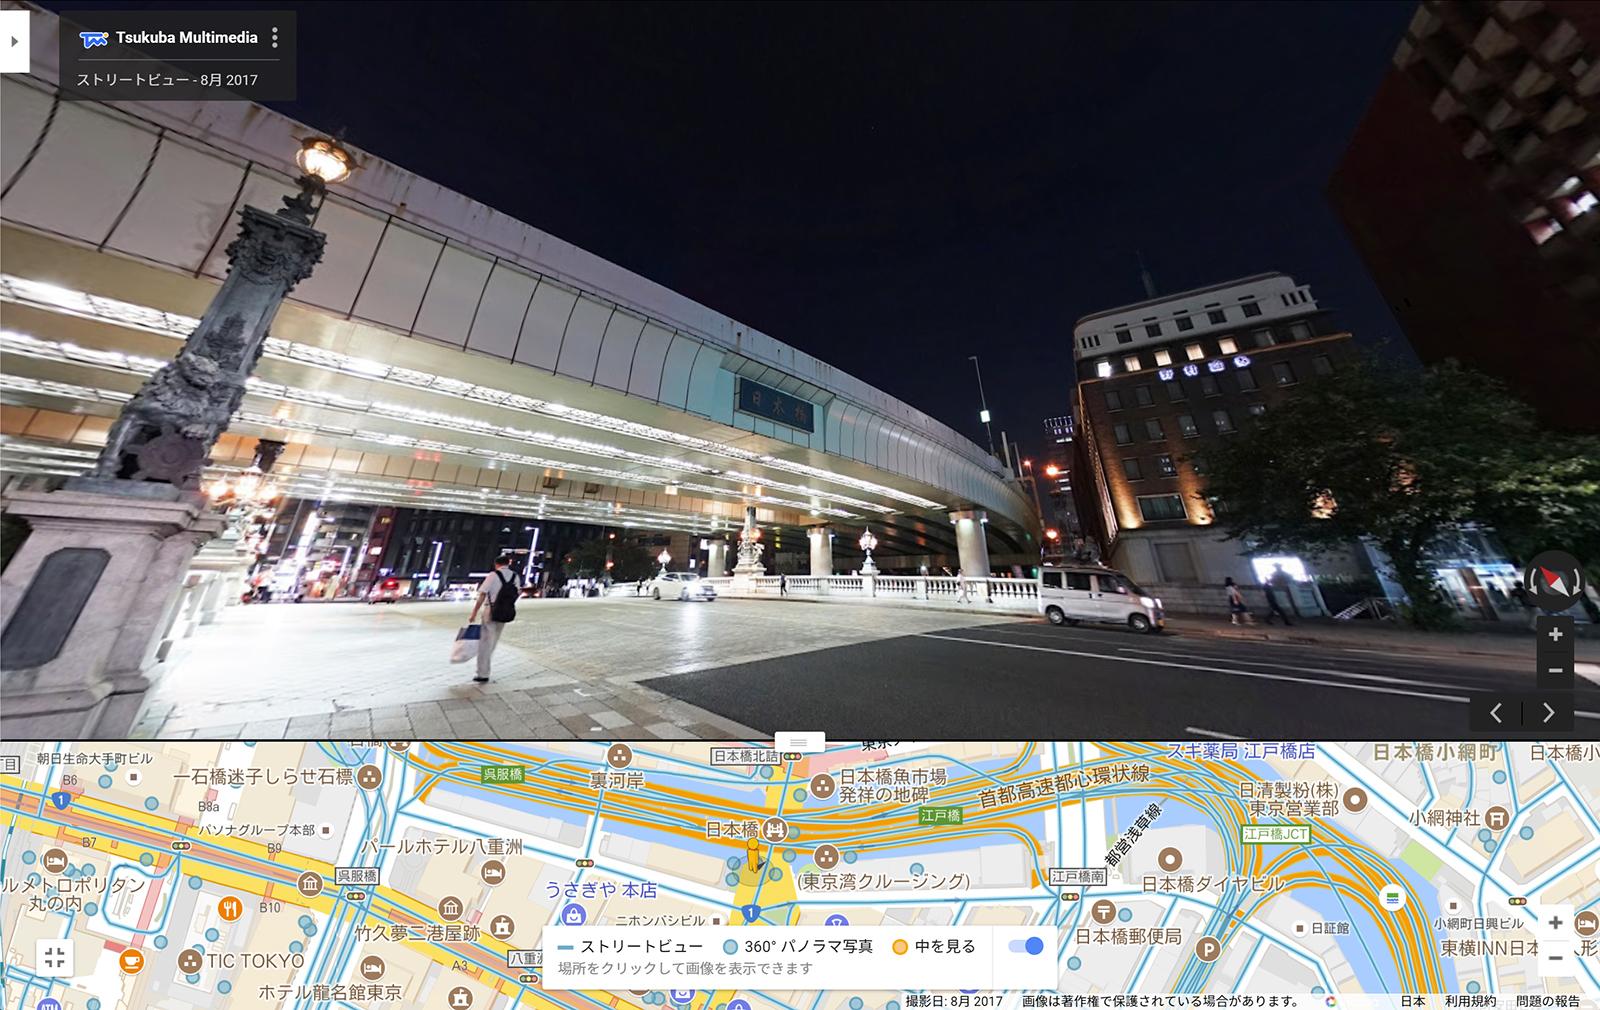 南側から日本橋を撮影したGoogleストリートビュー写真